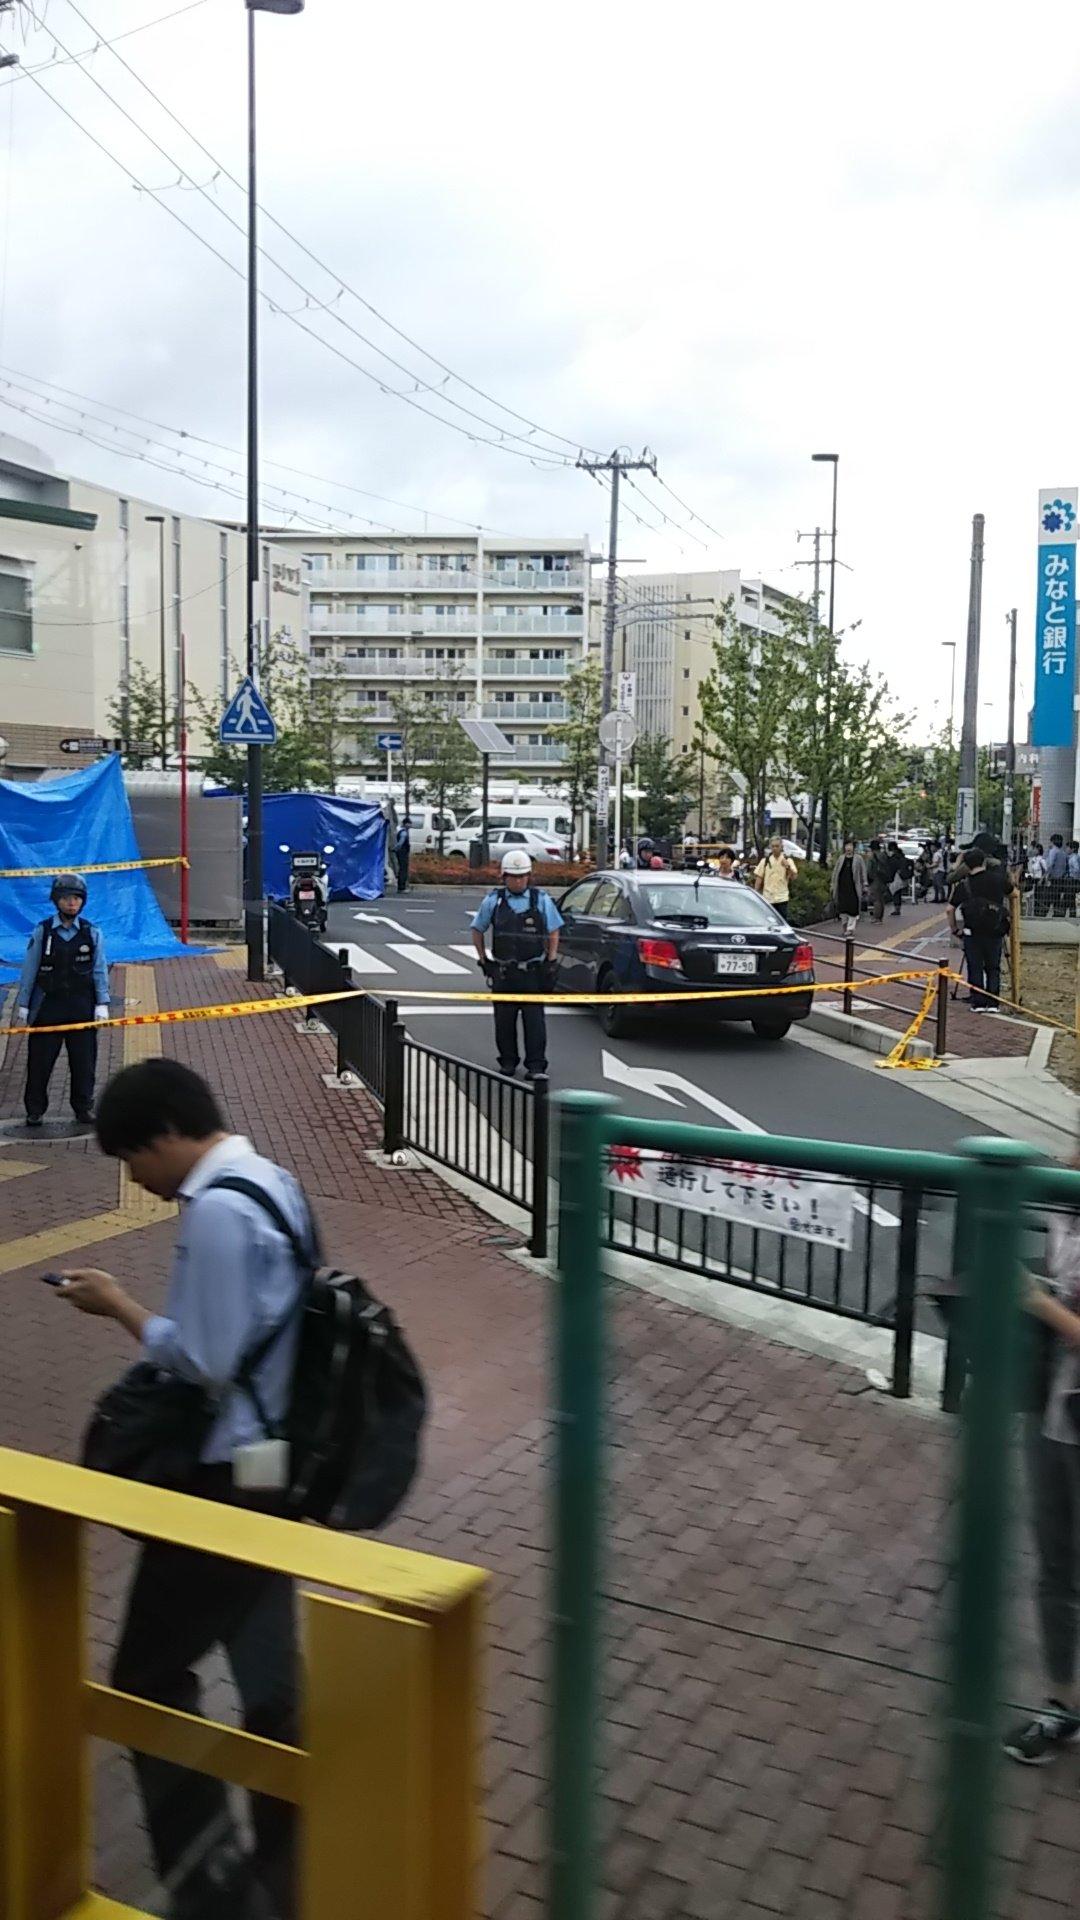 画像,現在の千里山駅犯人が捕まってないとあって、厳守警戒してますマスコミもいっぱい三枚目当該事件現場建物 https://t.co/mitXNw8qVd…